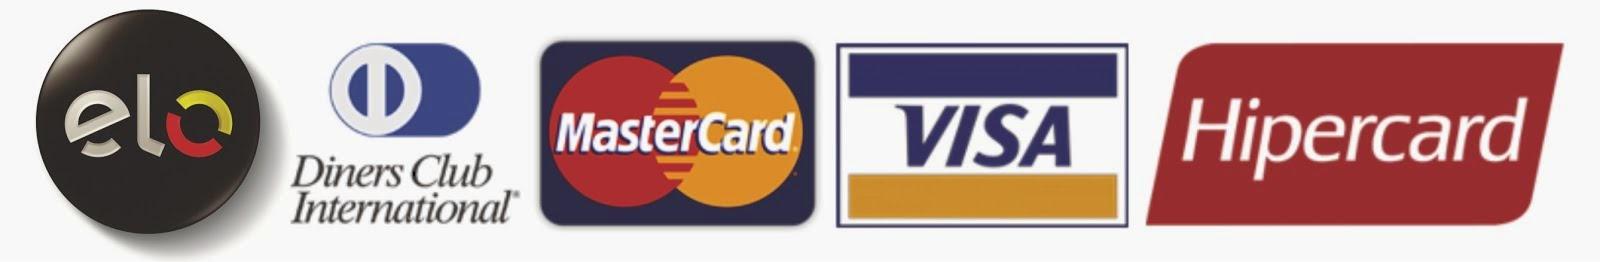 Aceitamos cartões: